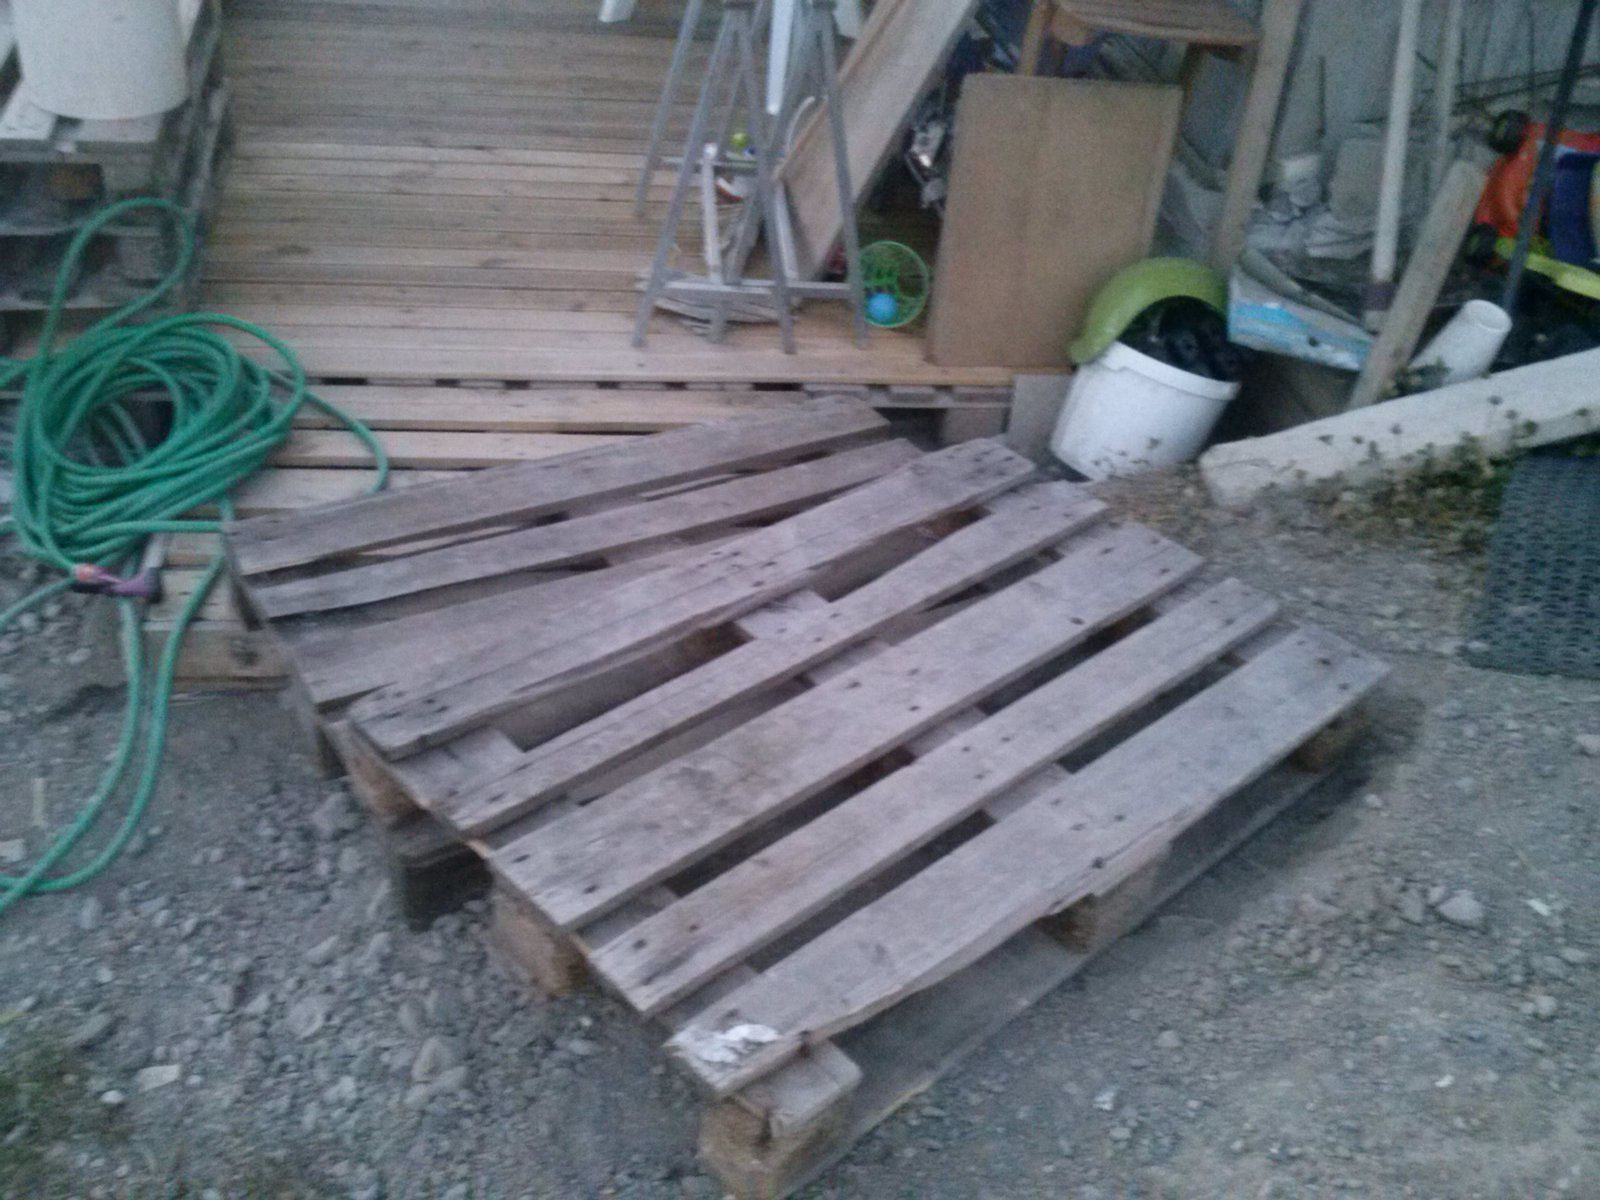 Création de la terrasse du bas en palette recouvertes lames de terrasse.